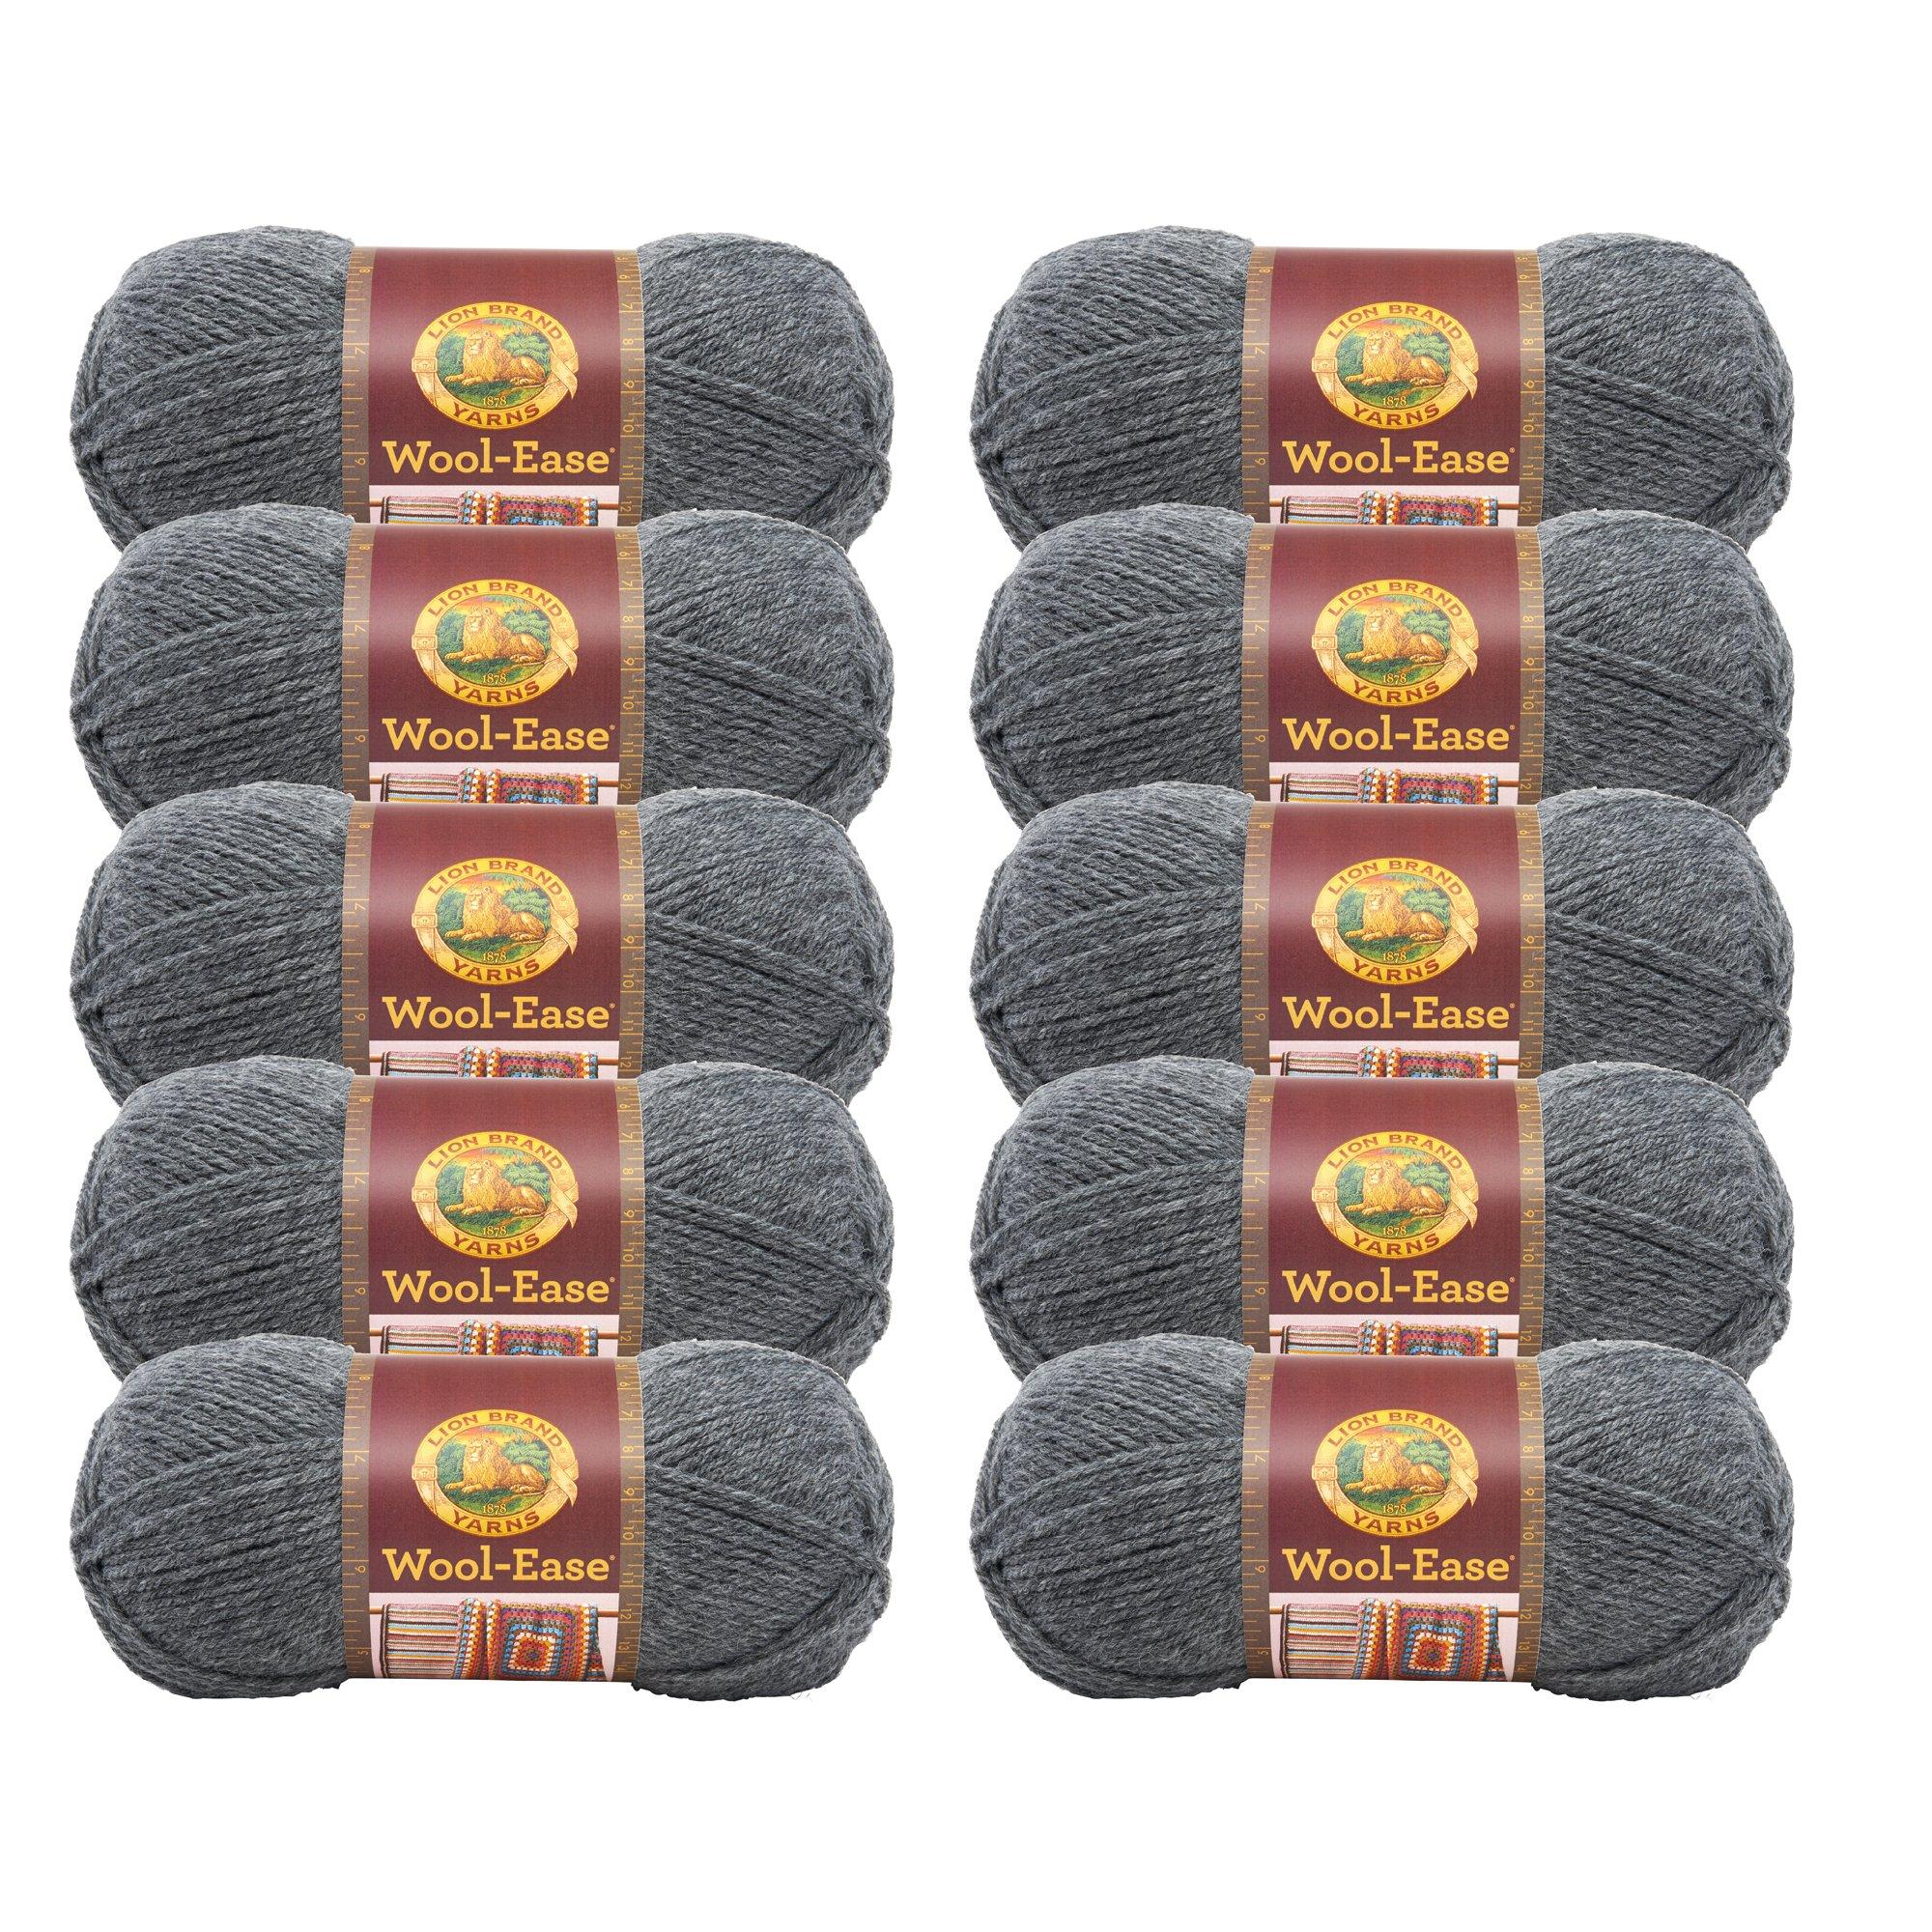 (10 Pack) Lion Brand Yarn 620-152 Wool-Ease Yarn, Oxford Grey